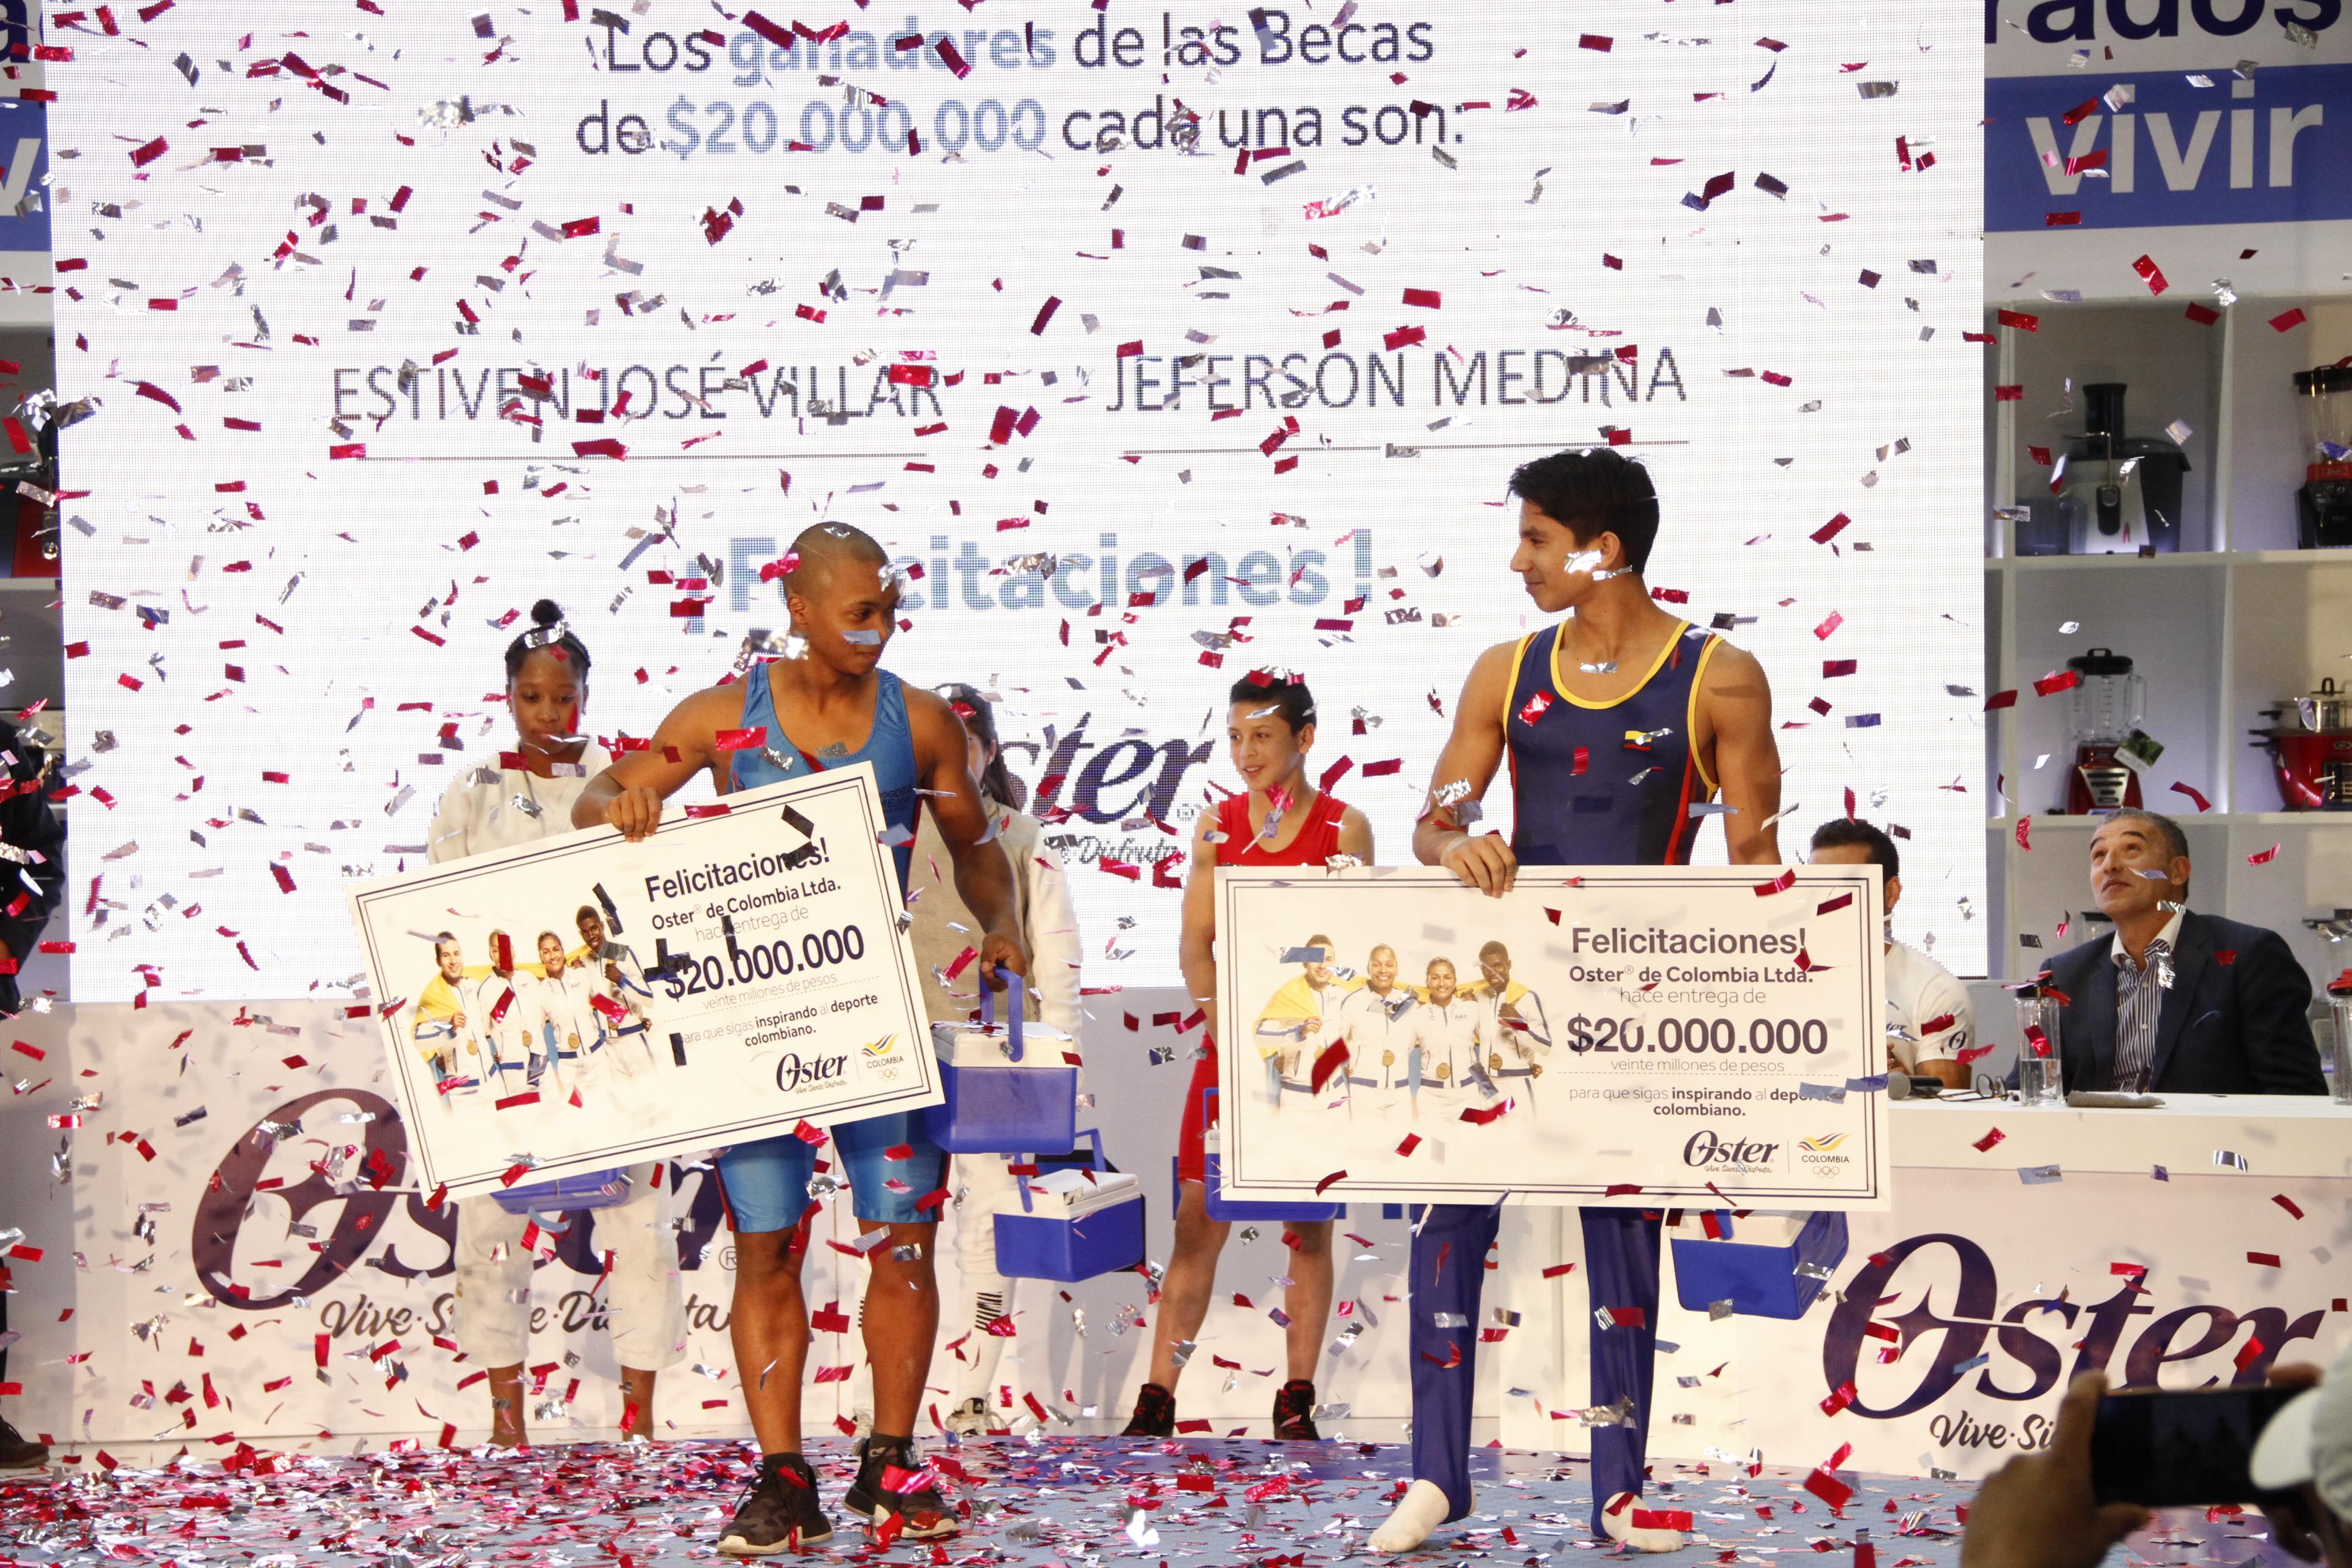 Medallistas Colombianos Comparten Con Jóvenes Promesas del Deporte